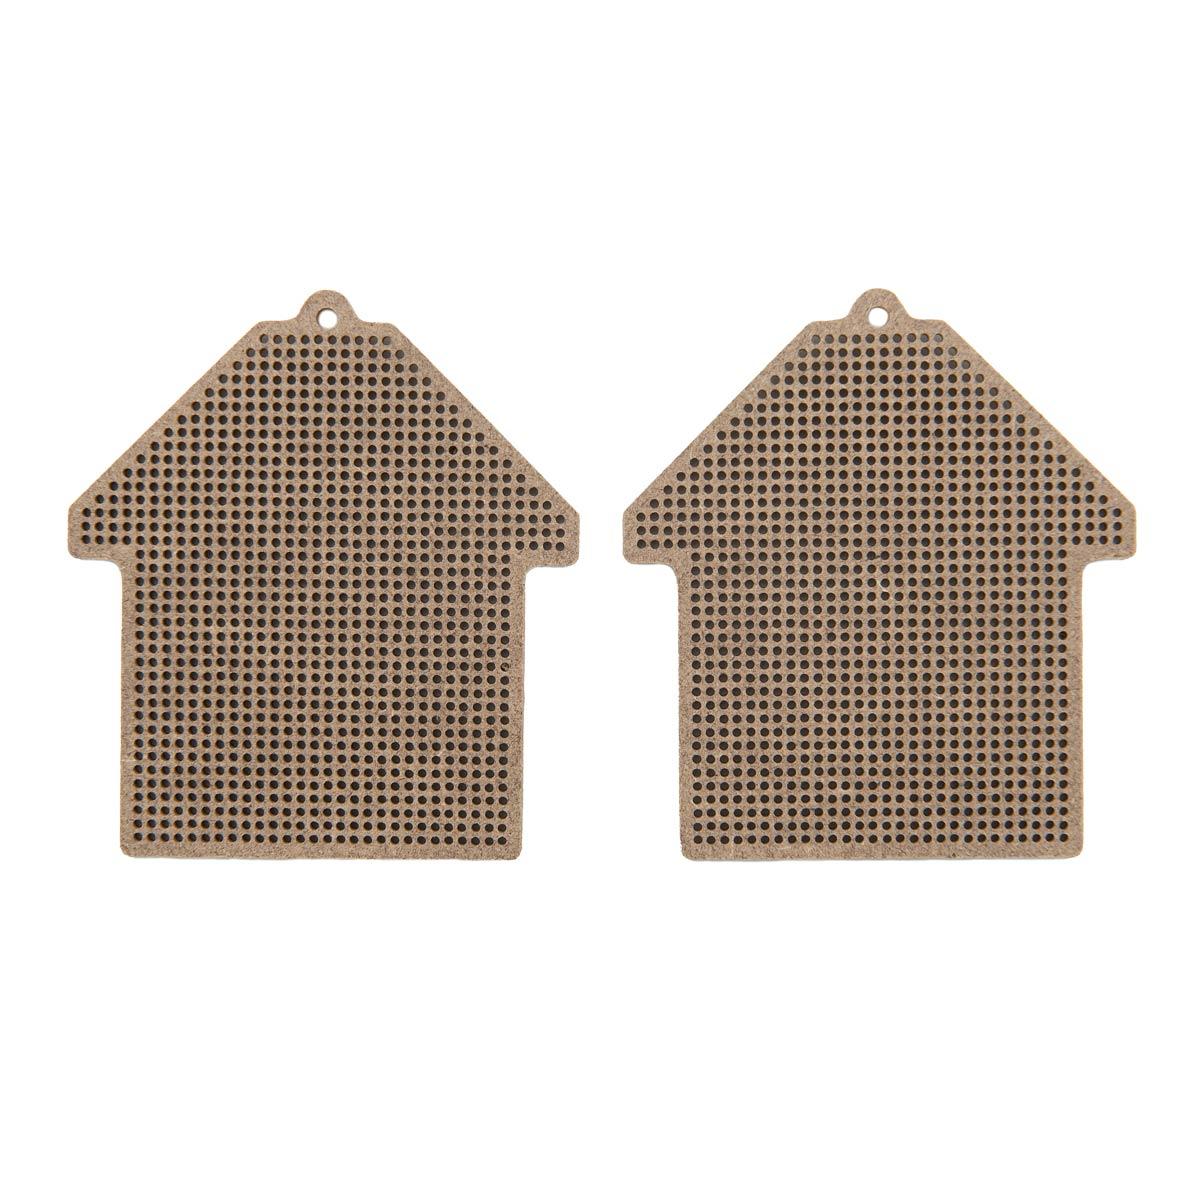 А017 2 Комплект основ для вышивания 'Домик'